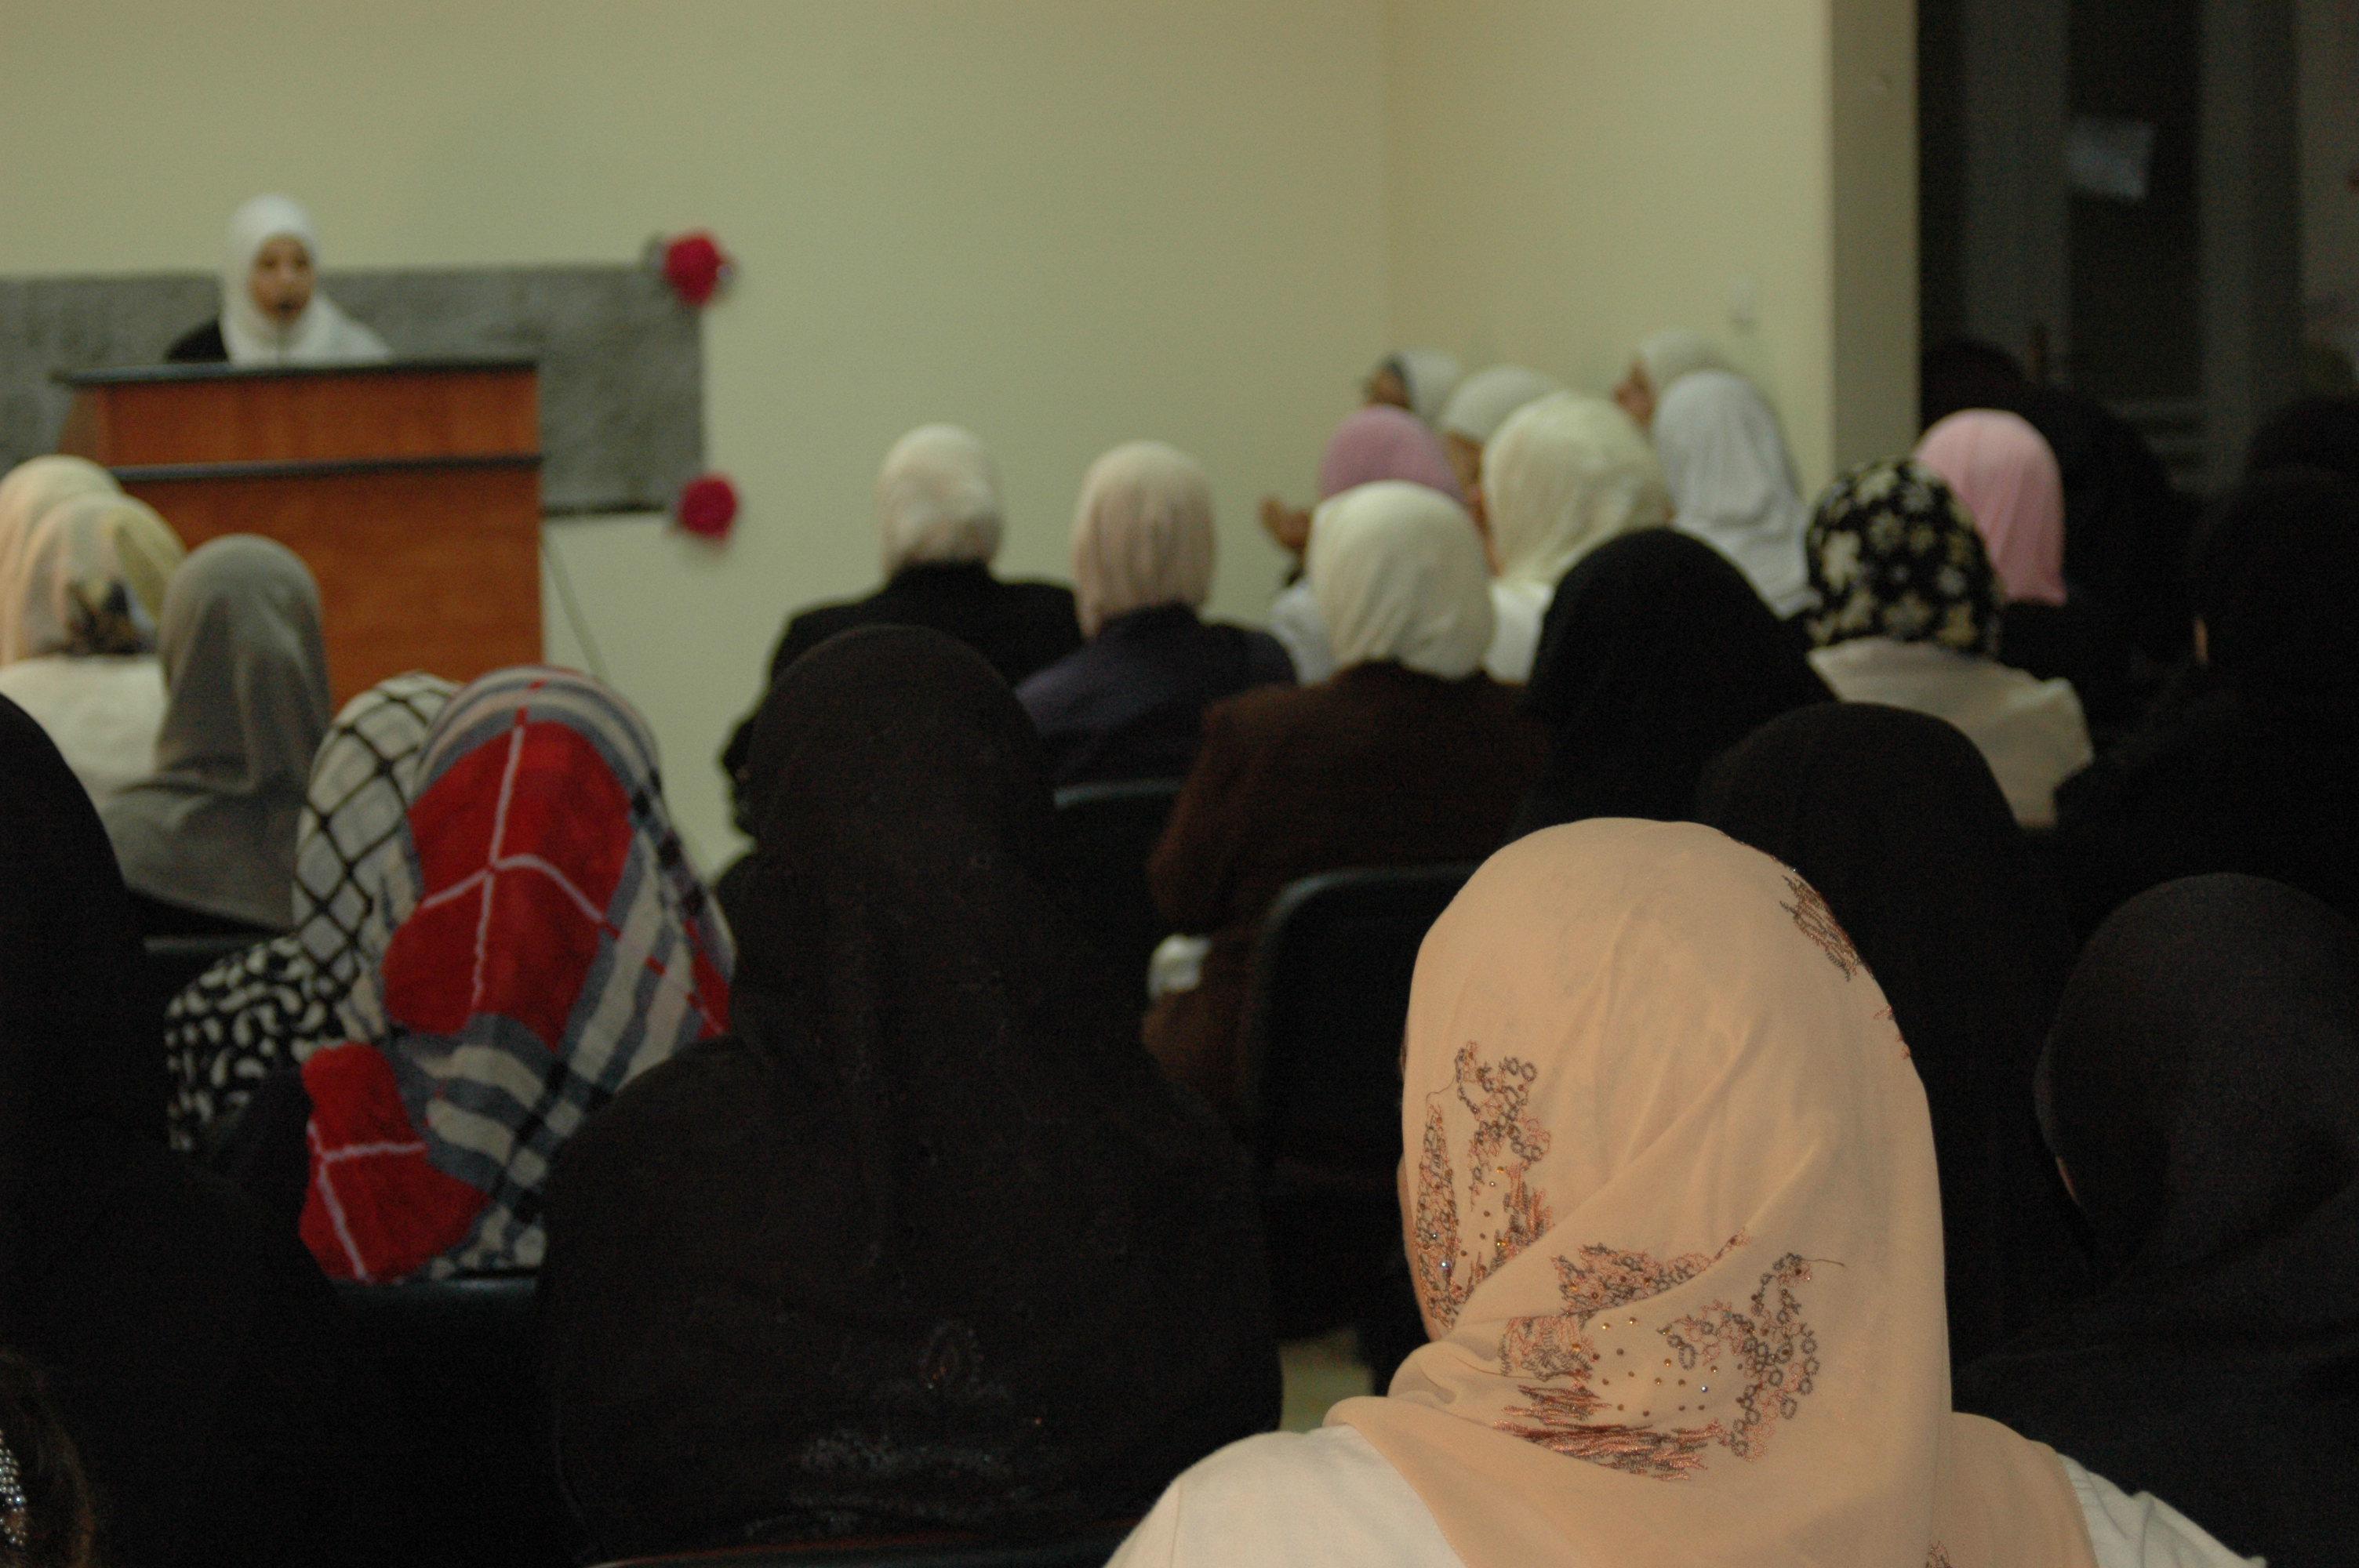 دعوة المرأة المسلمة وتحصينها ضرورة واقعية